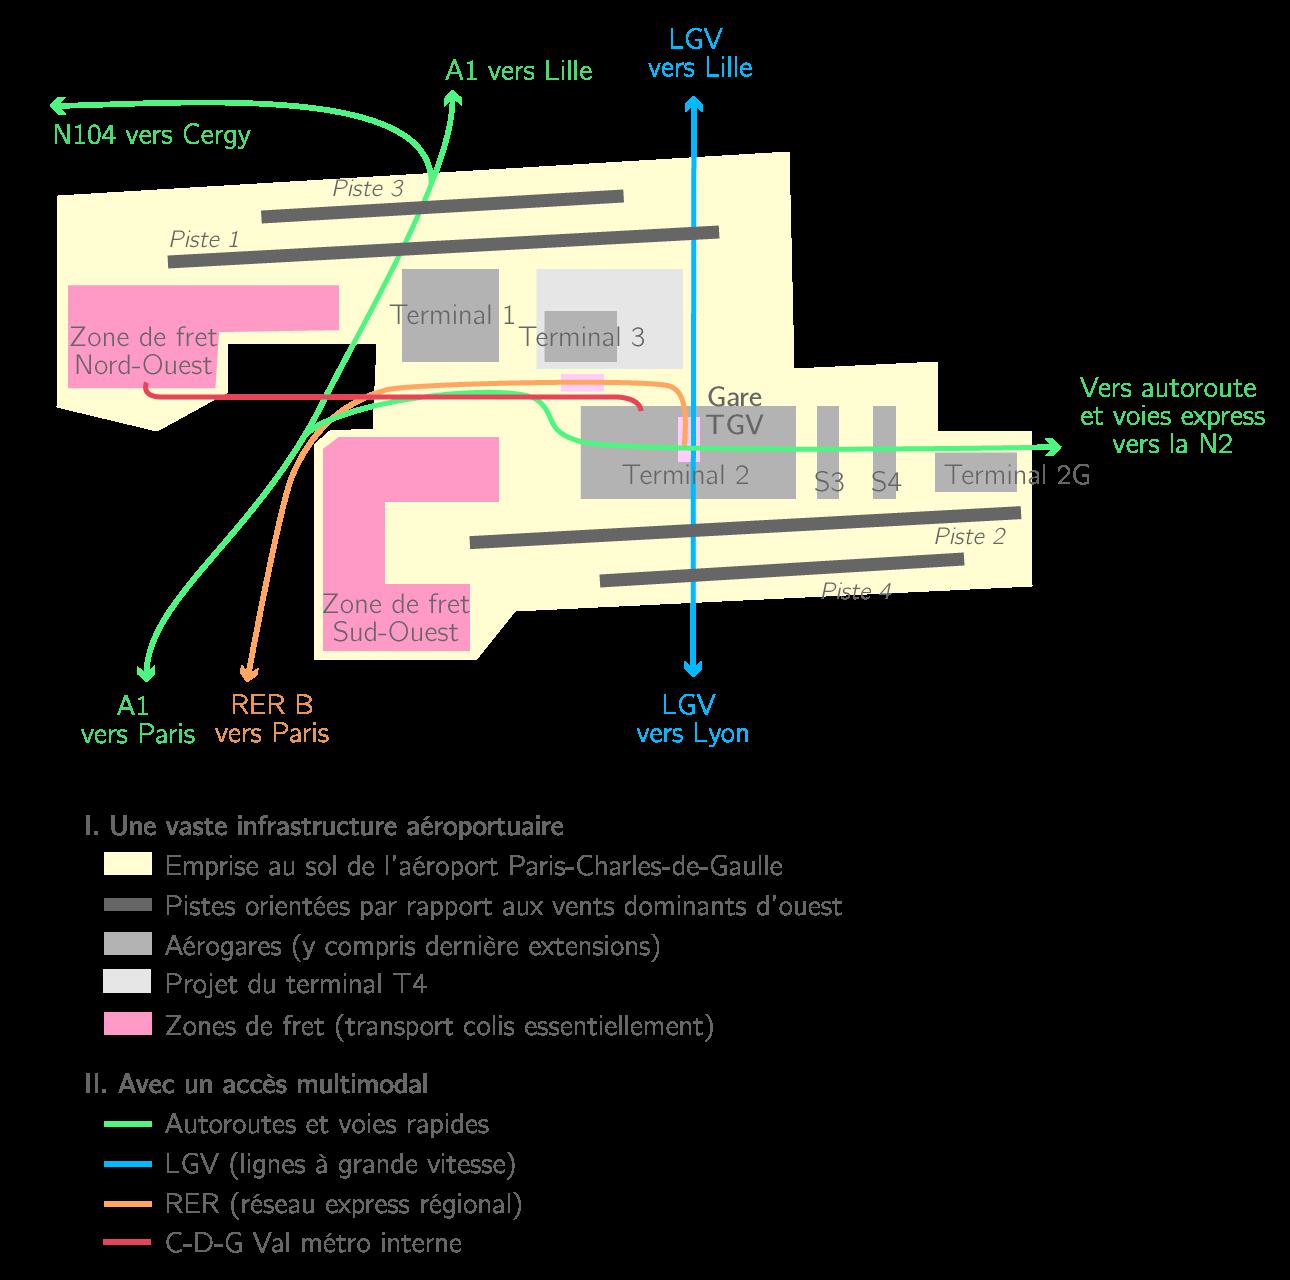 Schéma de l'organisation de l'aéroport de Roissy-Charles de Gaulle